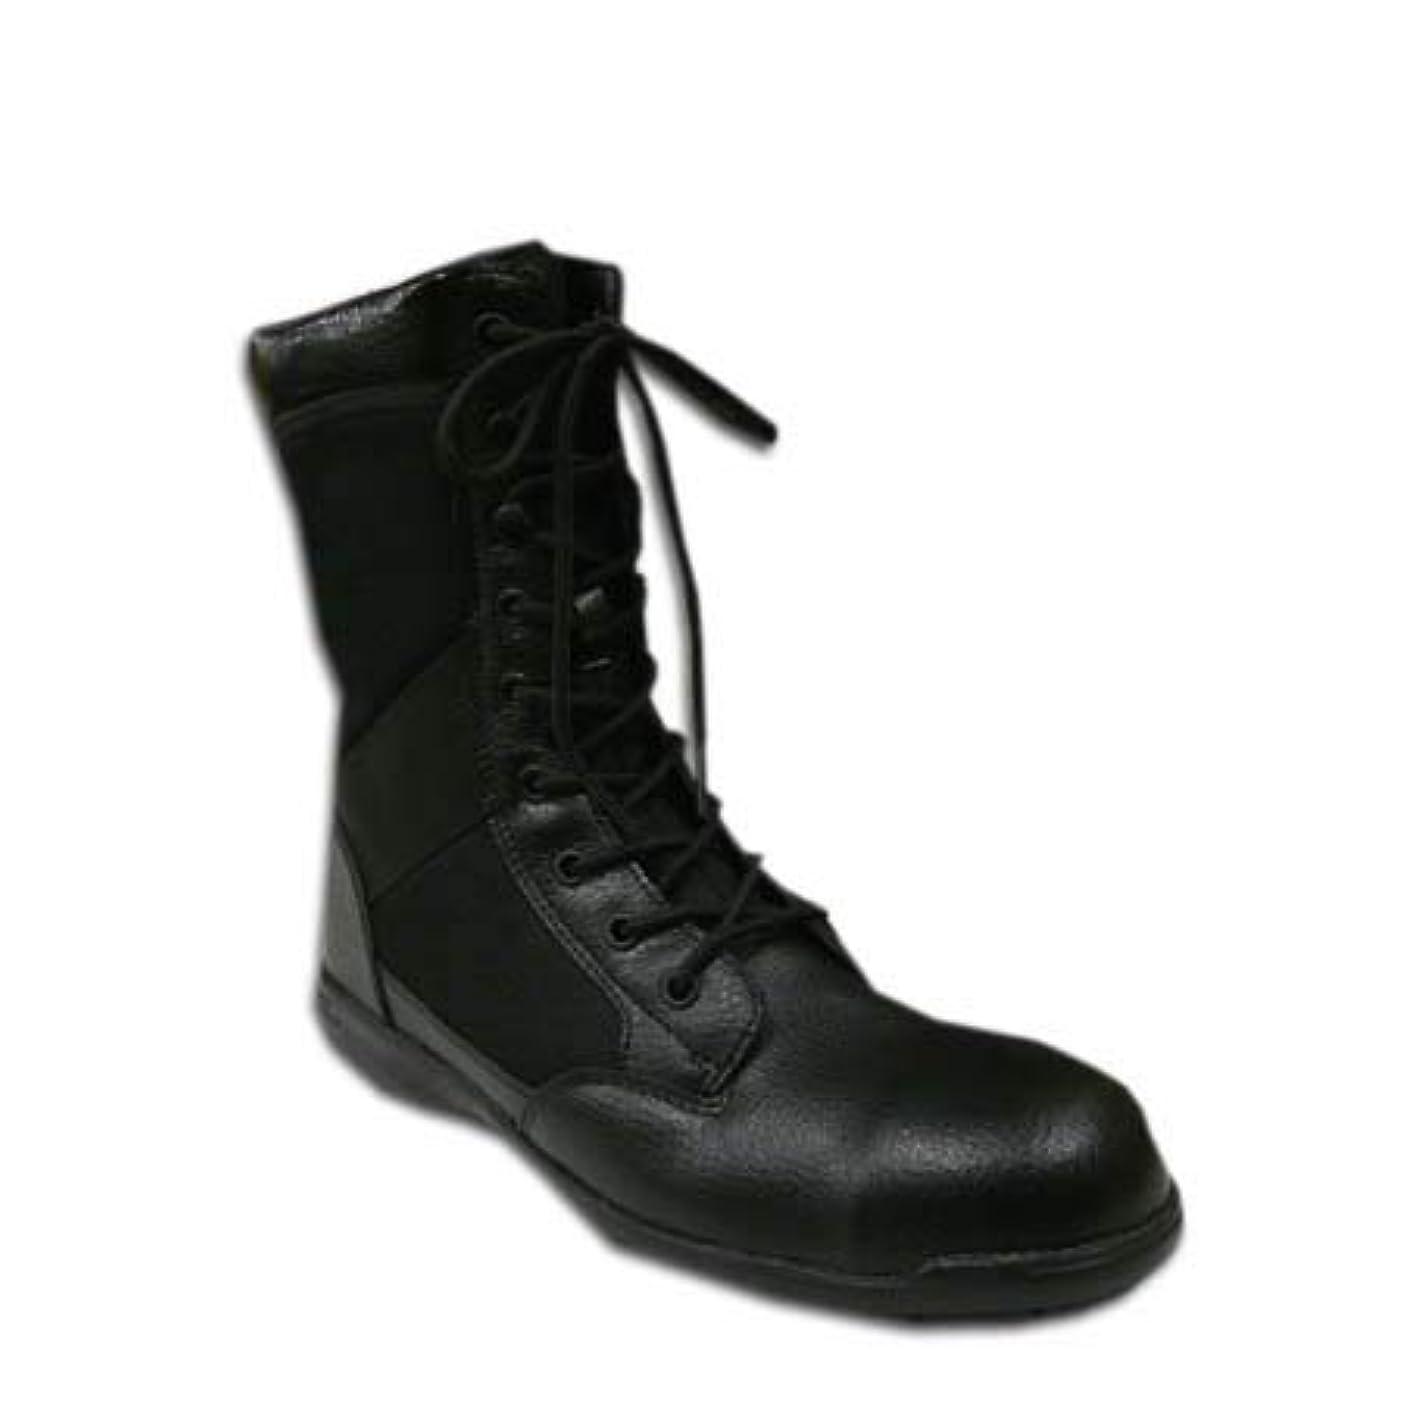 促進する電池ボア安全靴 安全半長靴 アローマックス #89 セーフティブーツ 鉄製先芯 サイドファスナー付 ブラック